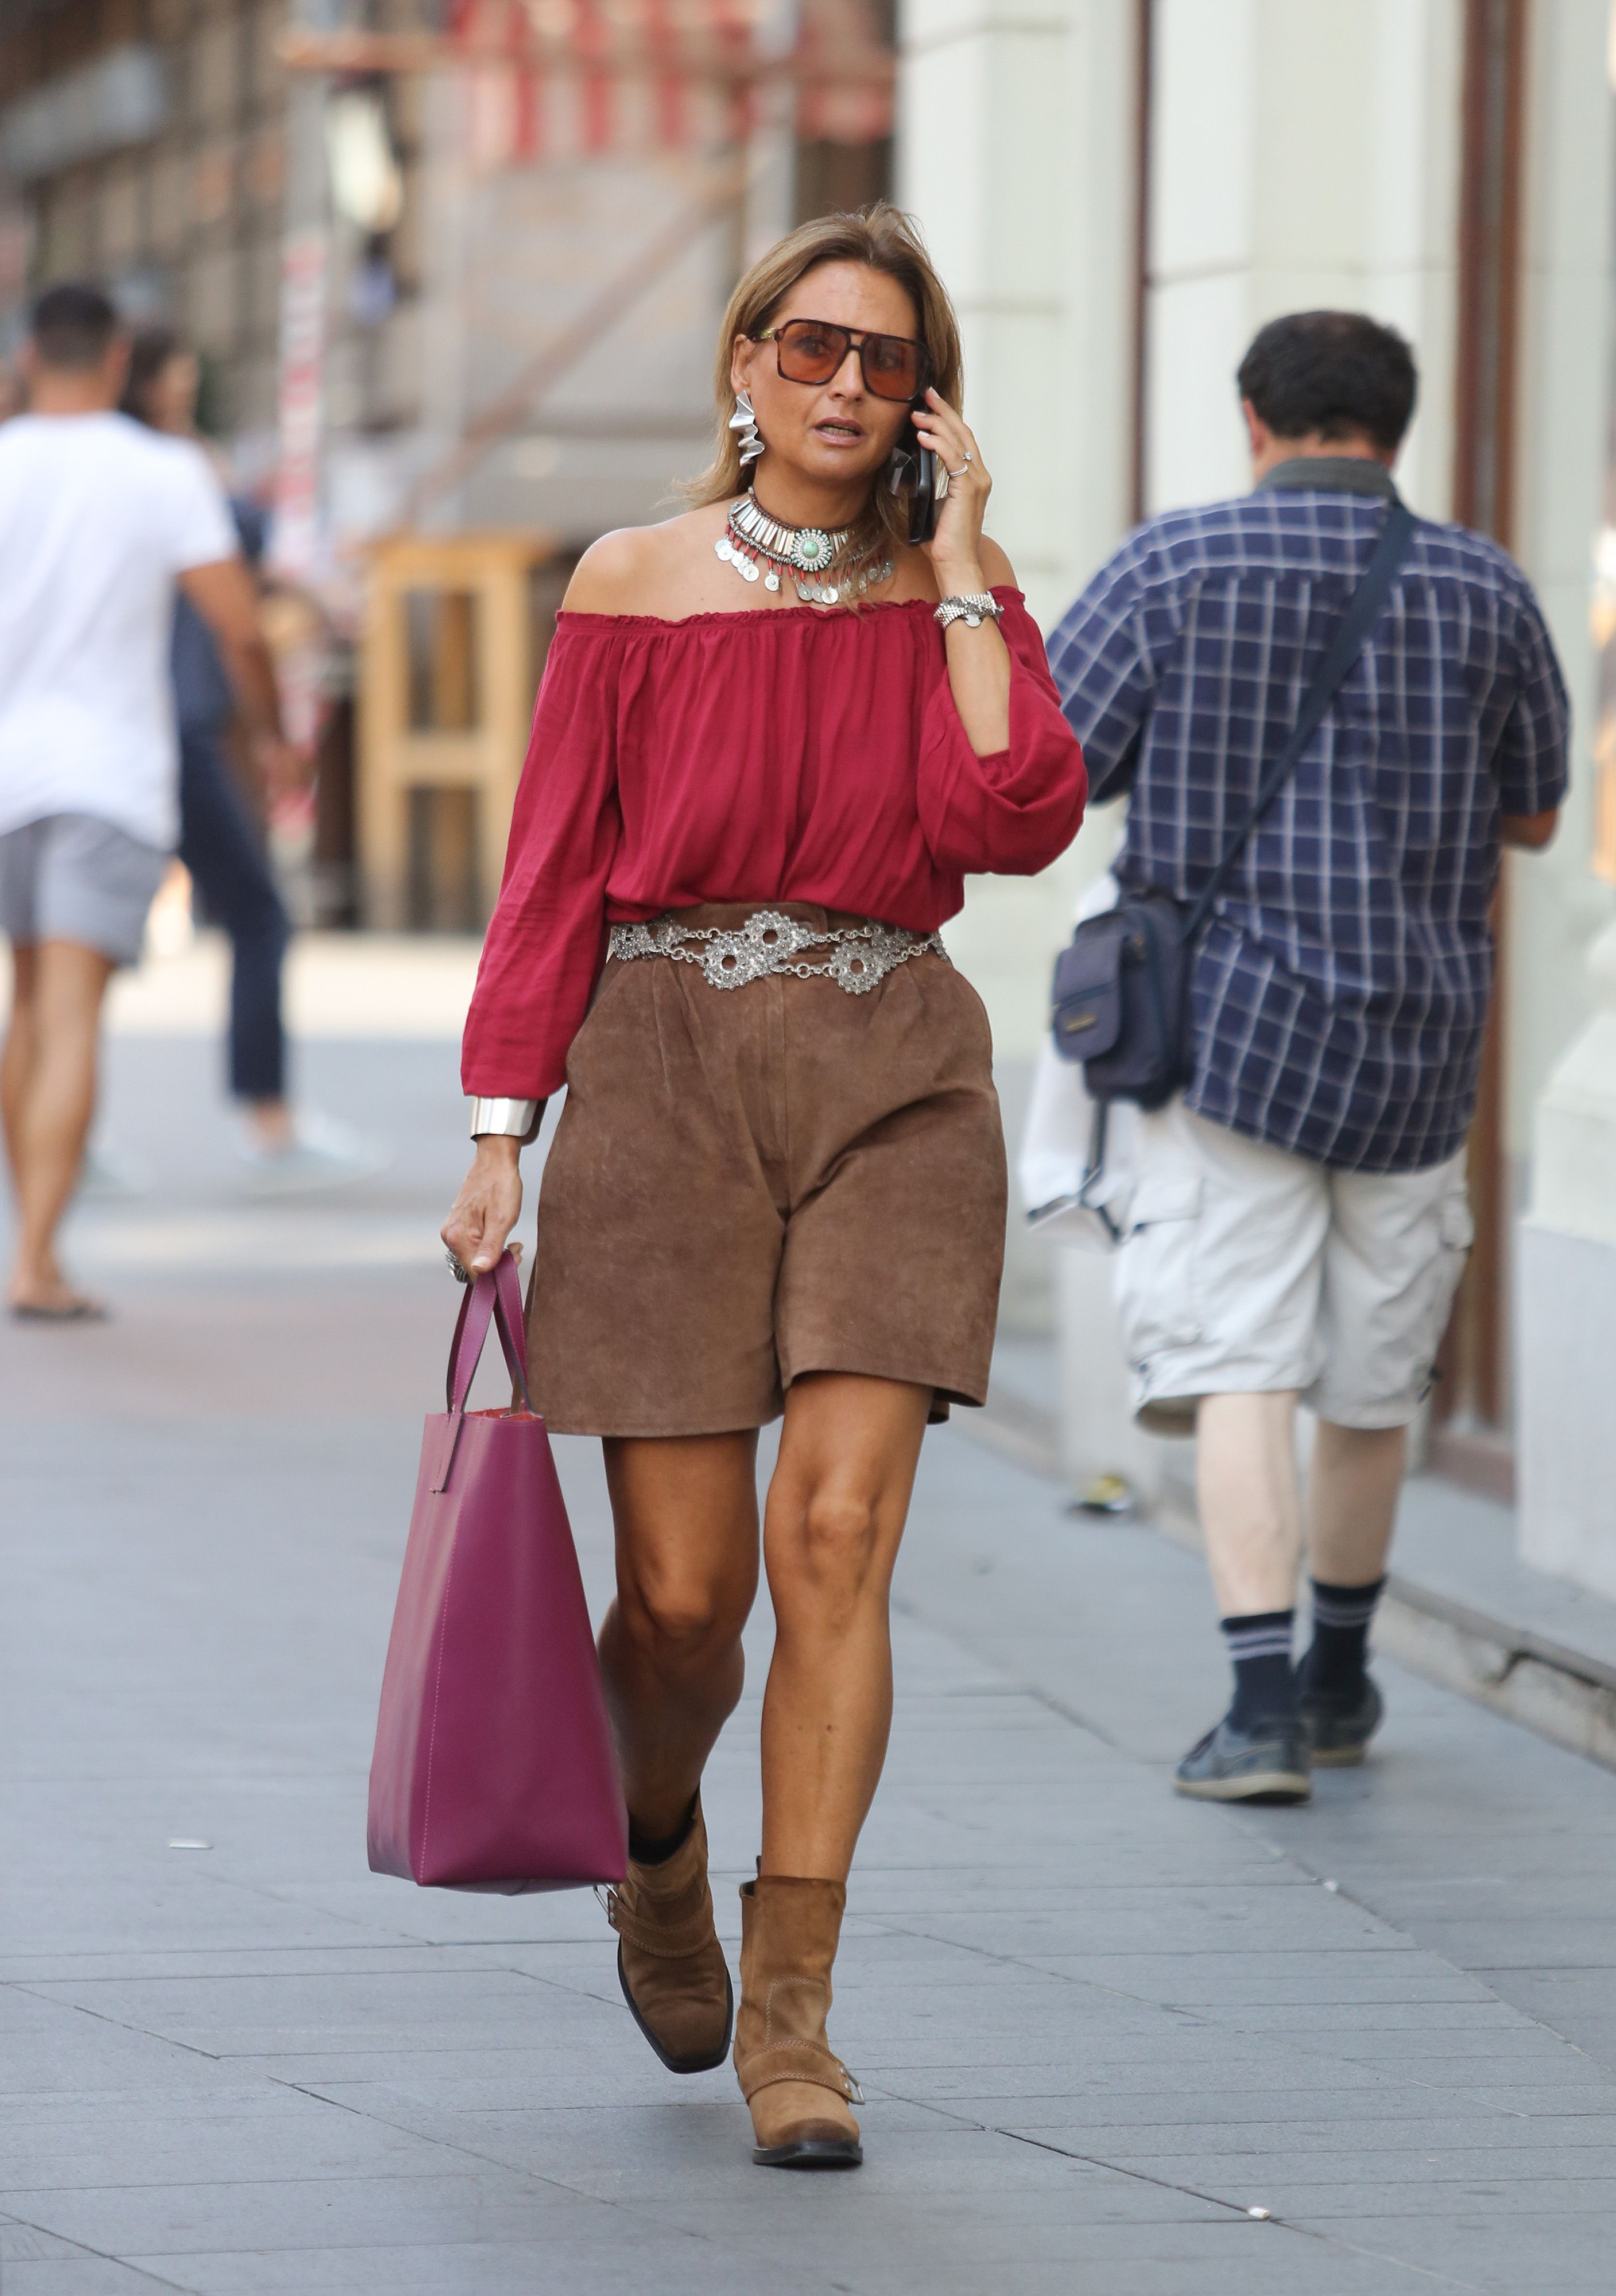 Ova se zanosna dama prošetala Cvjetnim trgom u ljetnoj kombinaciji koja najavljuje jesenske trendove